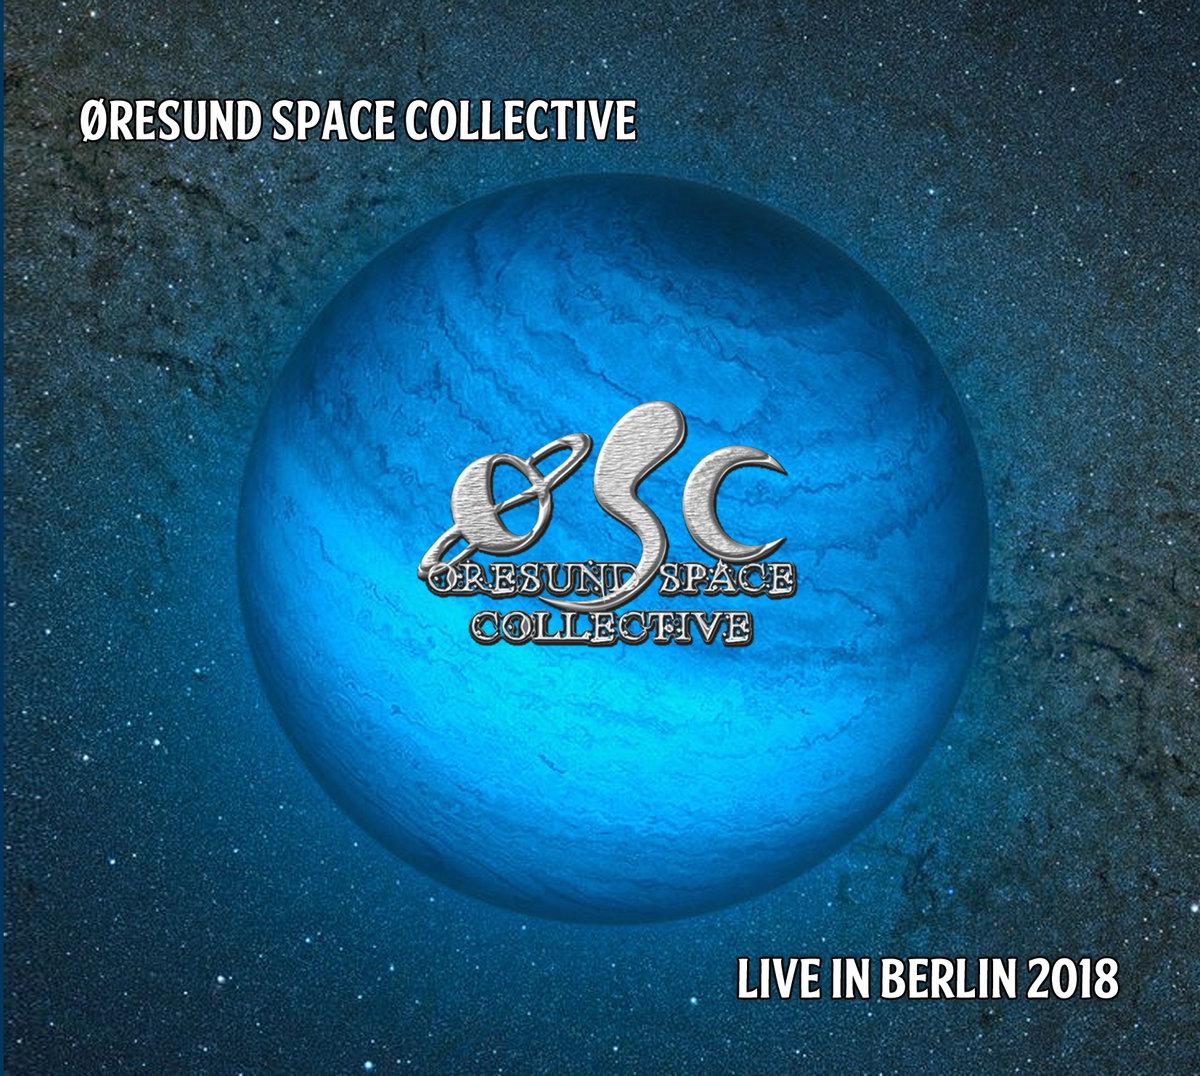 Αποτέλεσμα εικόνας για oresund space collective live berlin